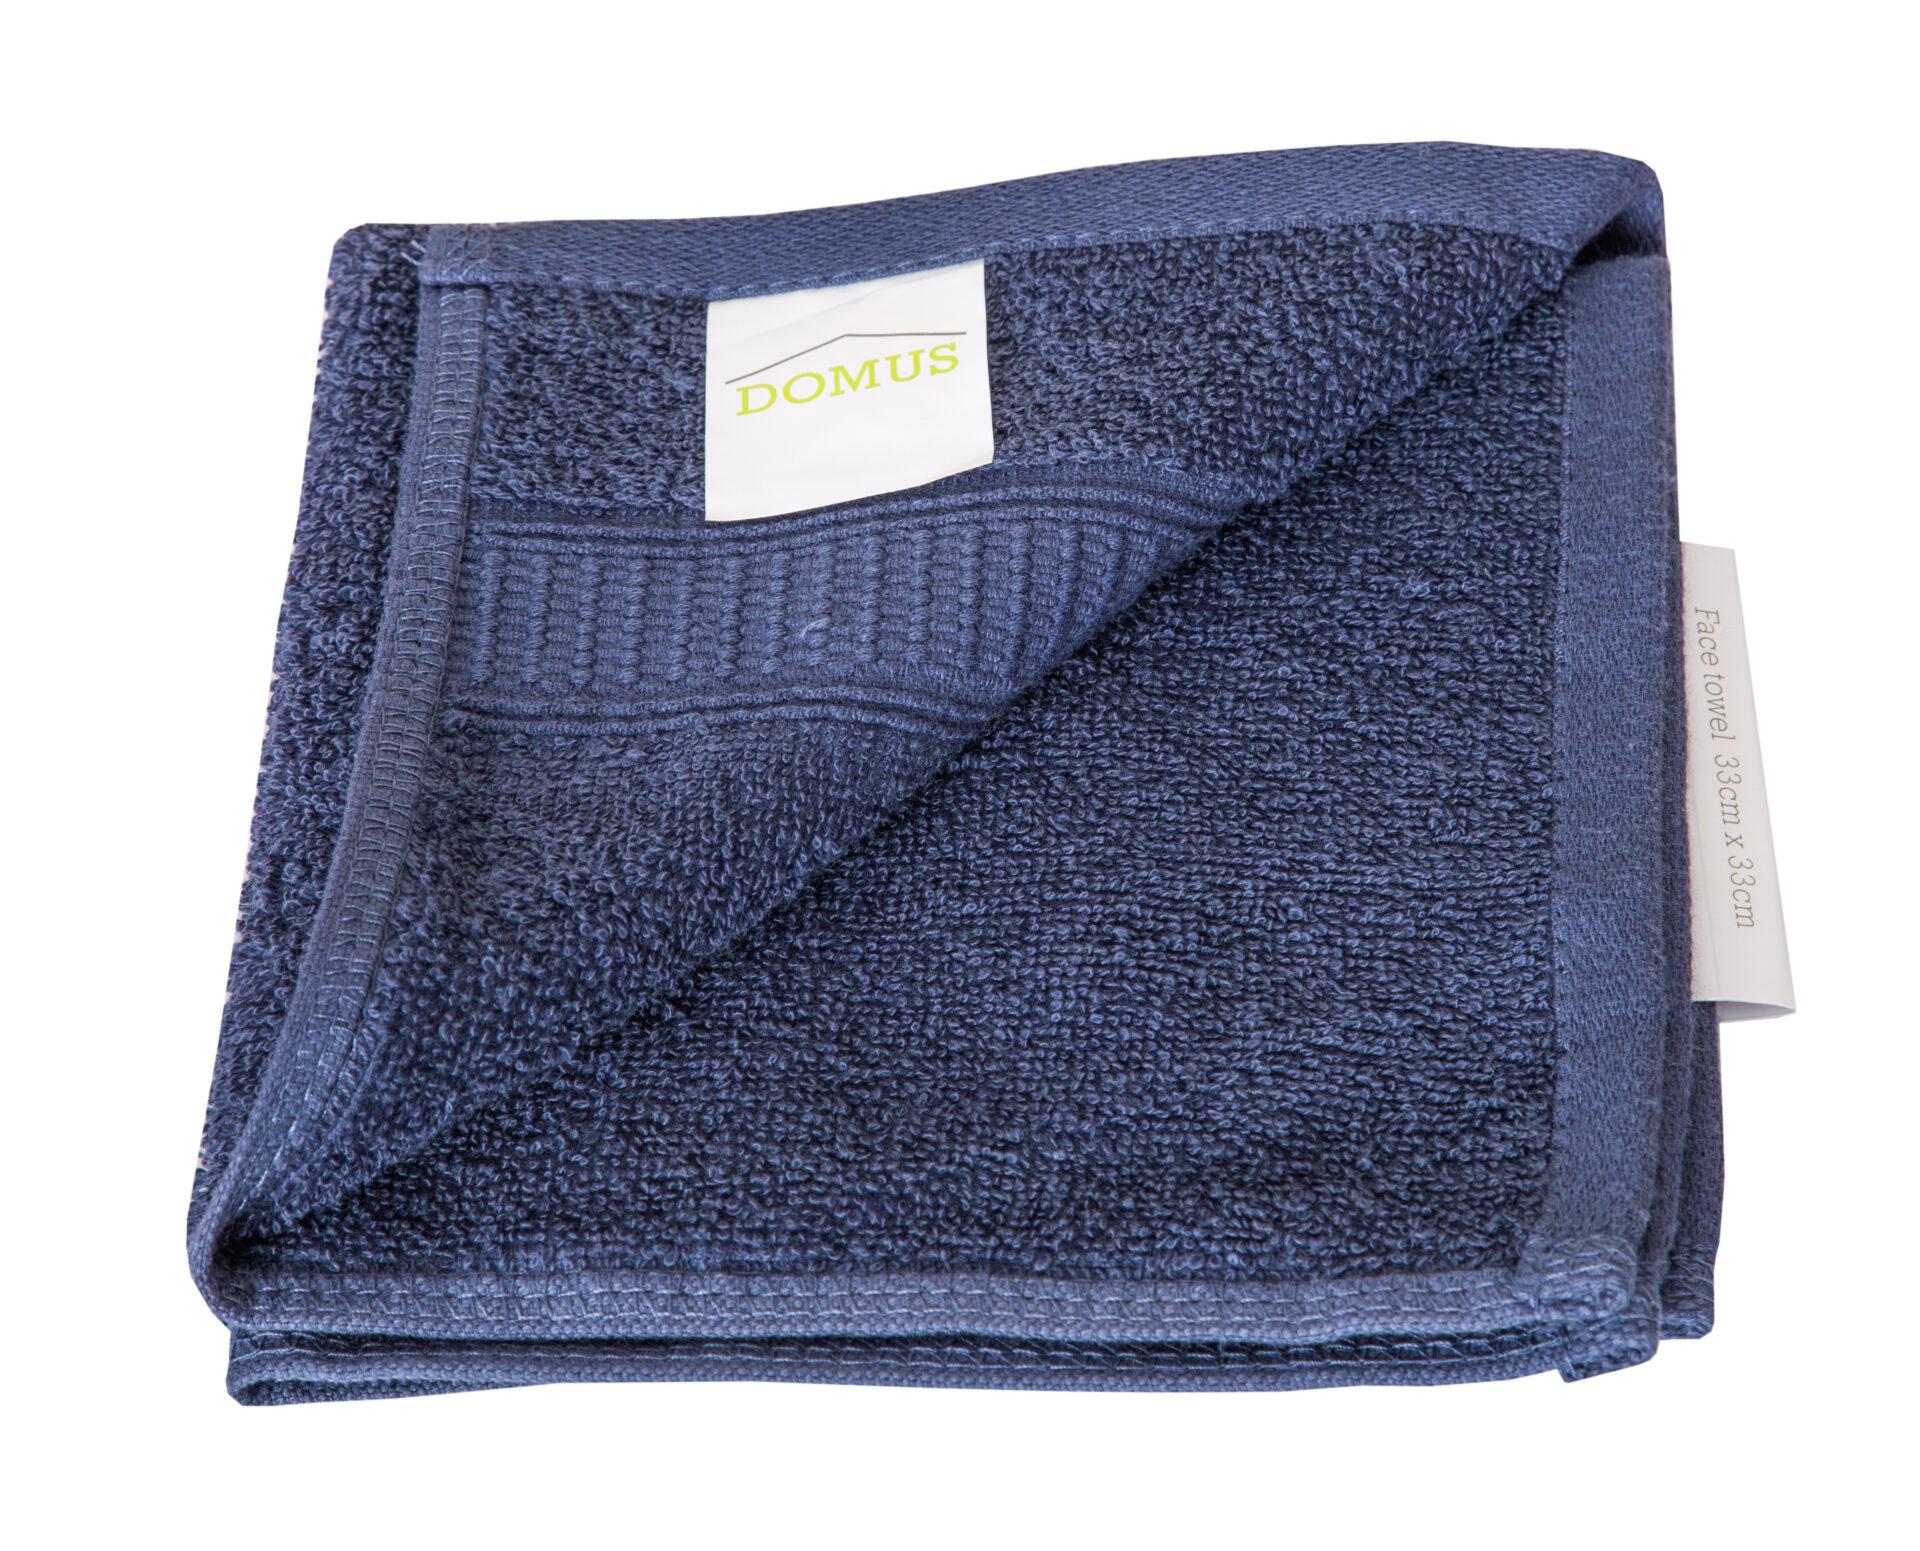 DOMUS 2: Face Towel: 400 GSM, 33x33cm 2